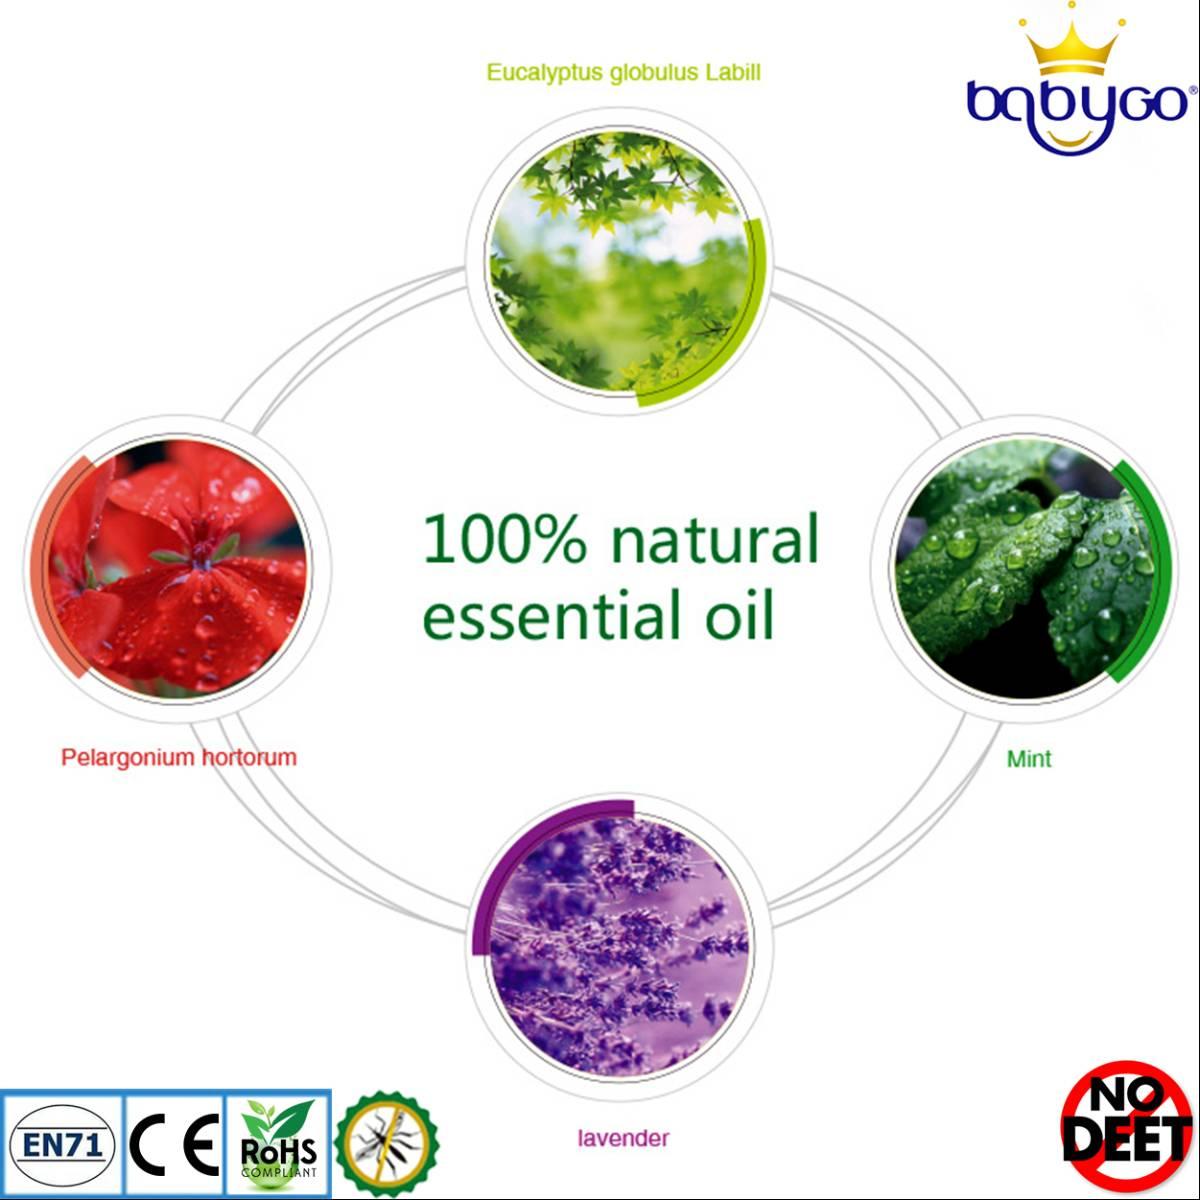 Babygo Neoprene Clip Mosquito Repellent Green (klip Anti Nyamuk)3